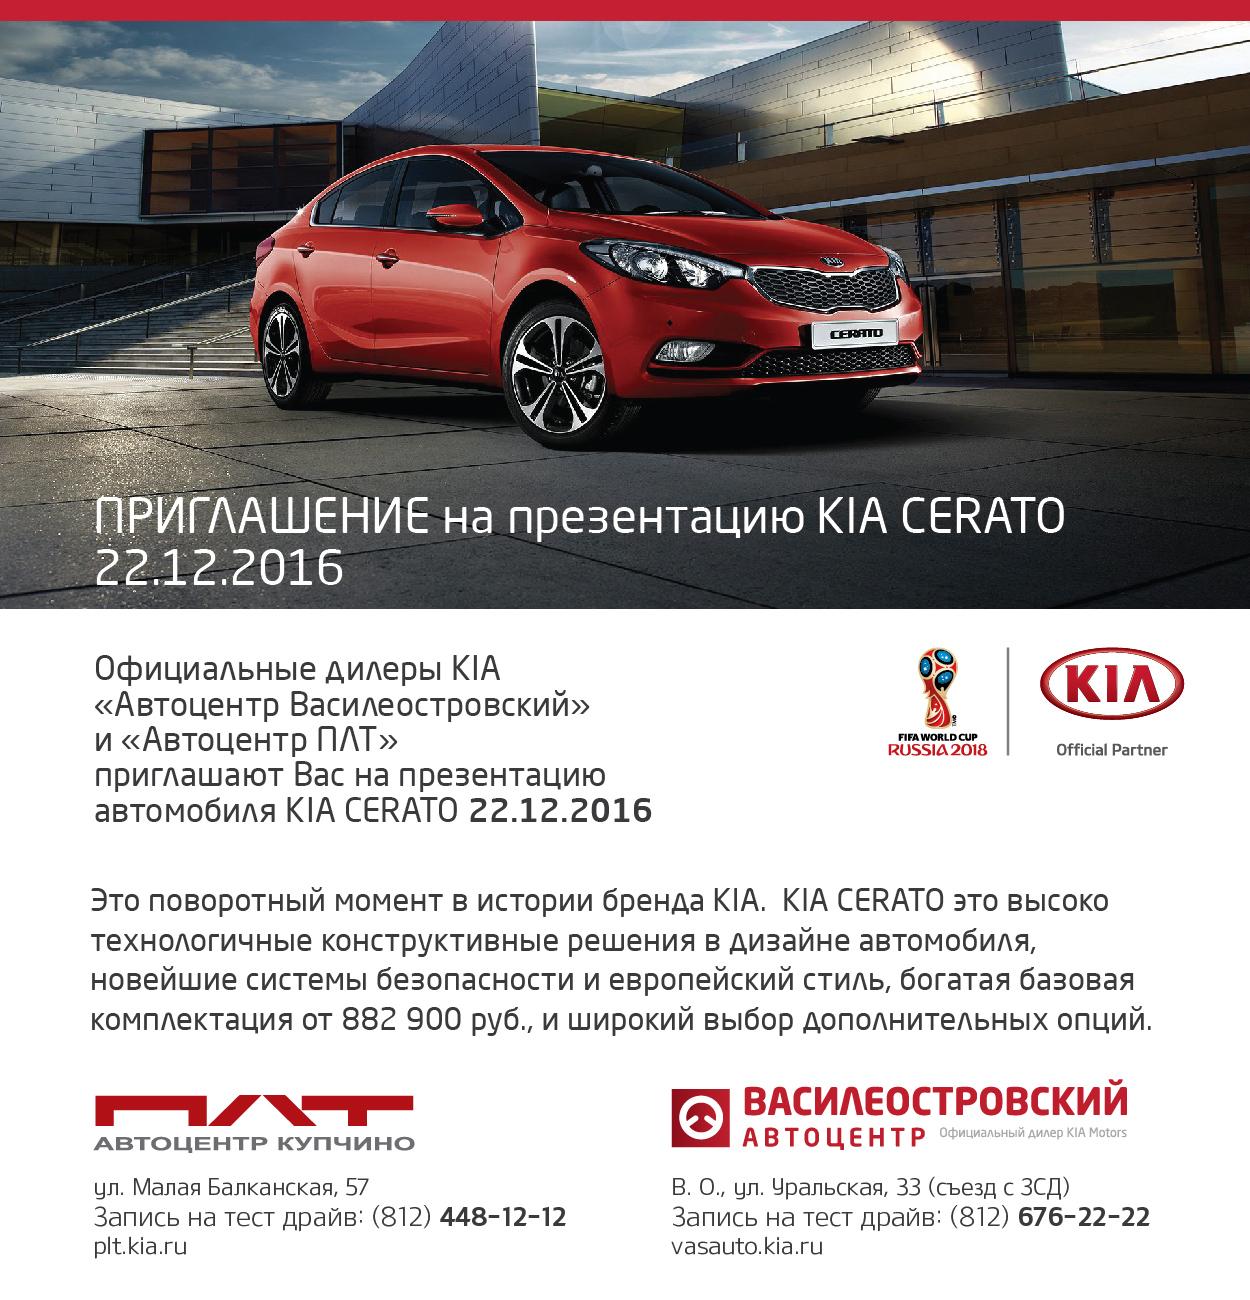 Презентация долгожданного KIA Cerato